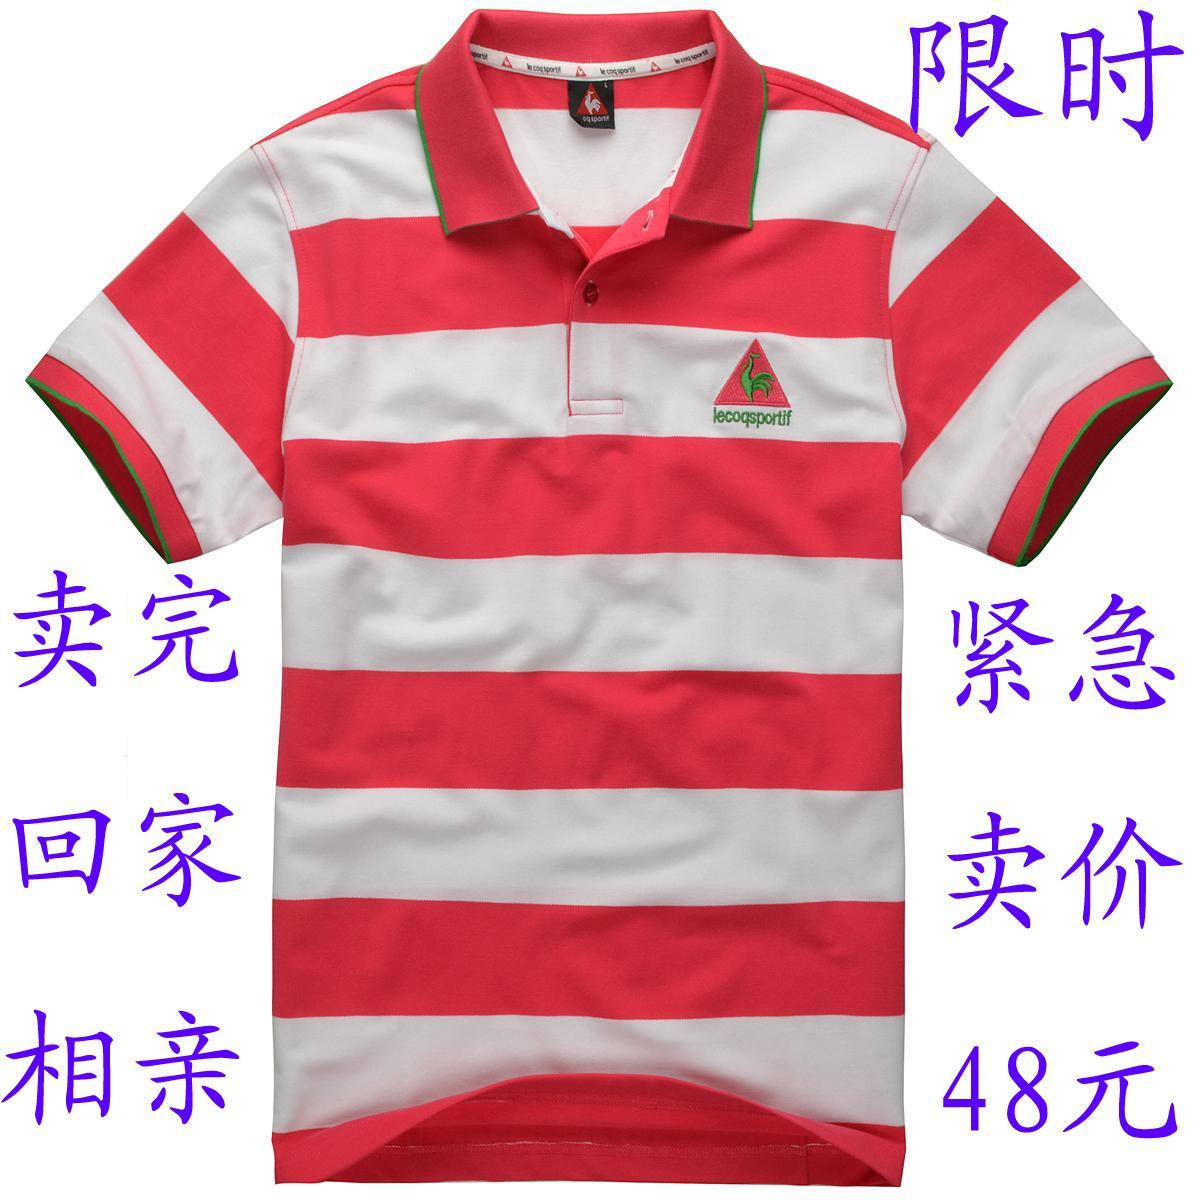 Спортивная футболка Cock L501 2011 Стандартный Воротник-стойка Короткие рукава ( ≧35cm ) 100 хлопок Спорт и отдых Влагопоглощающая функция % Линейная